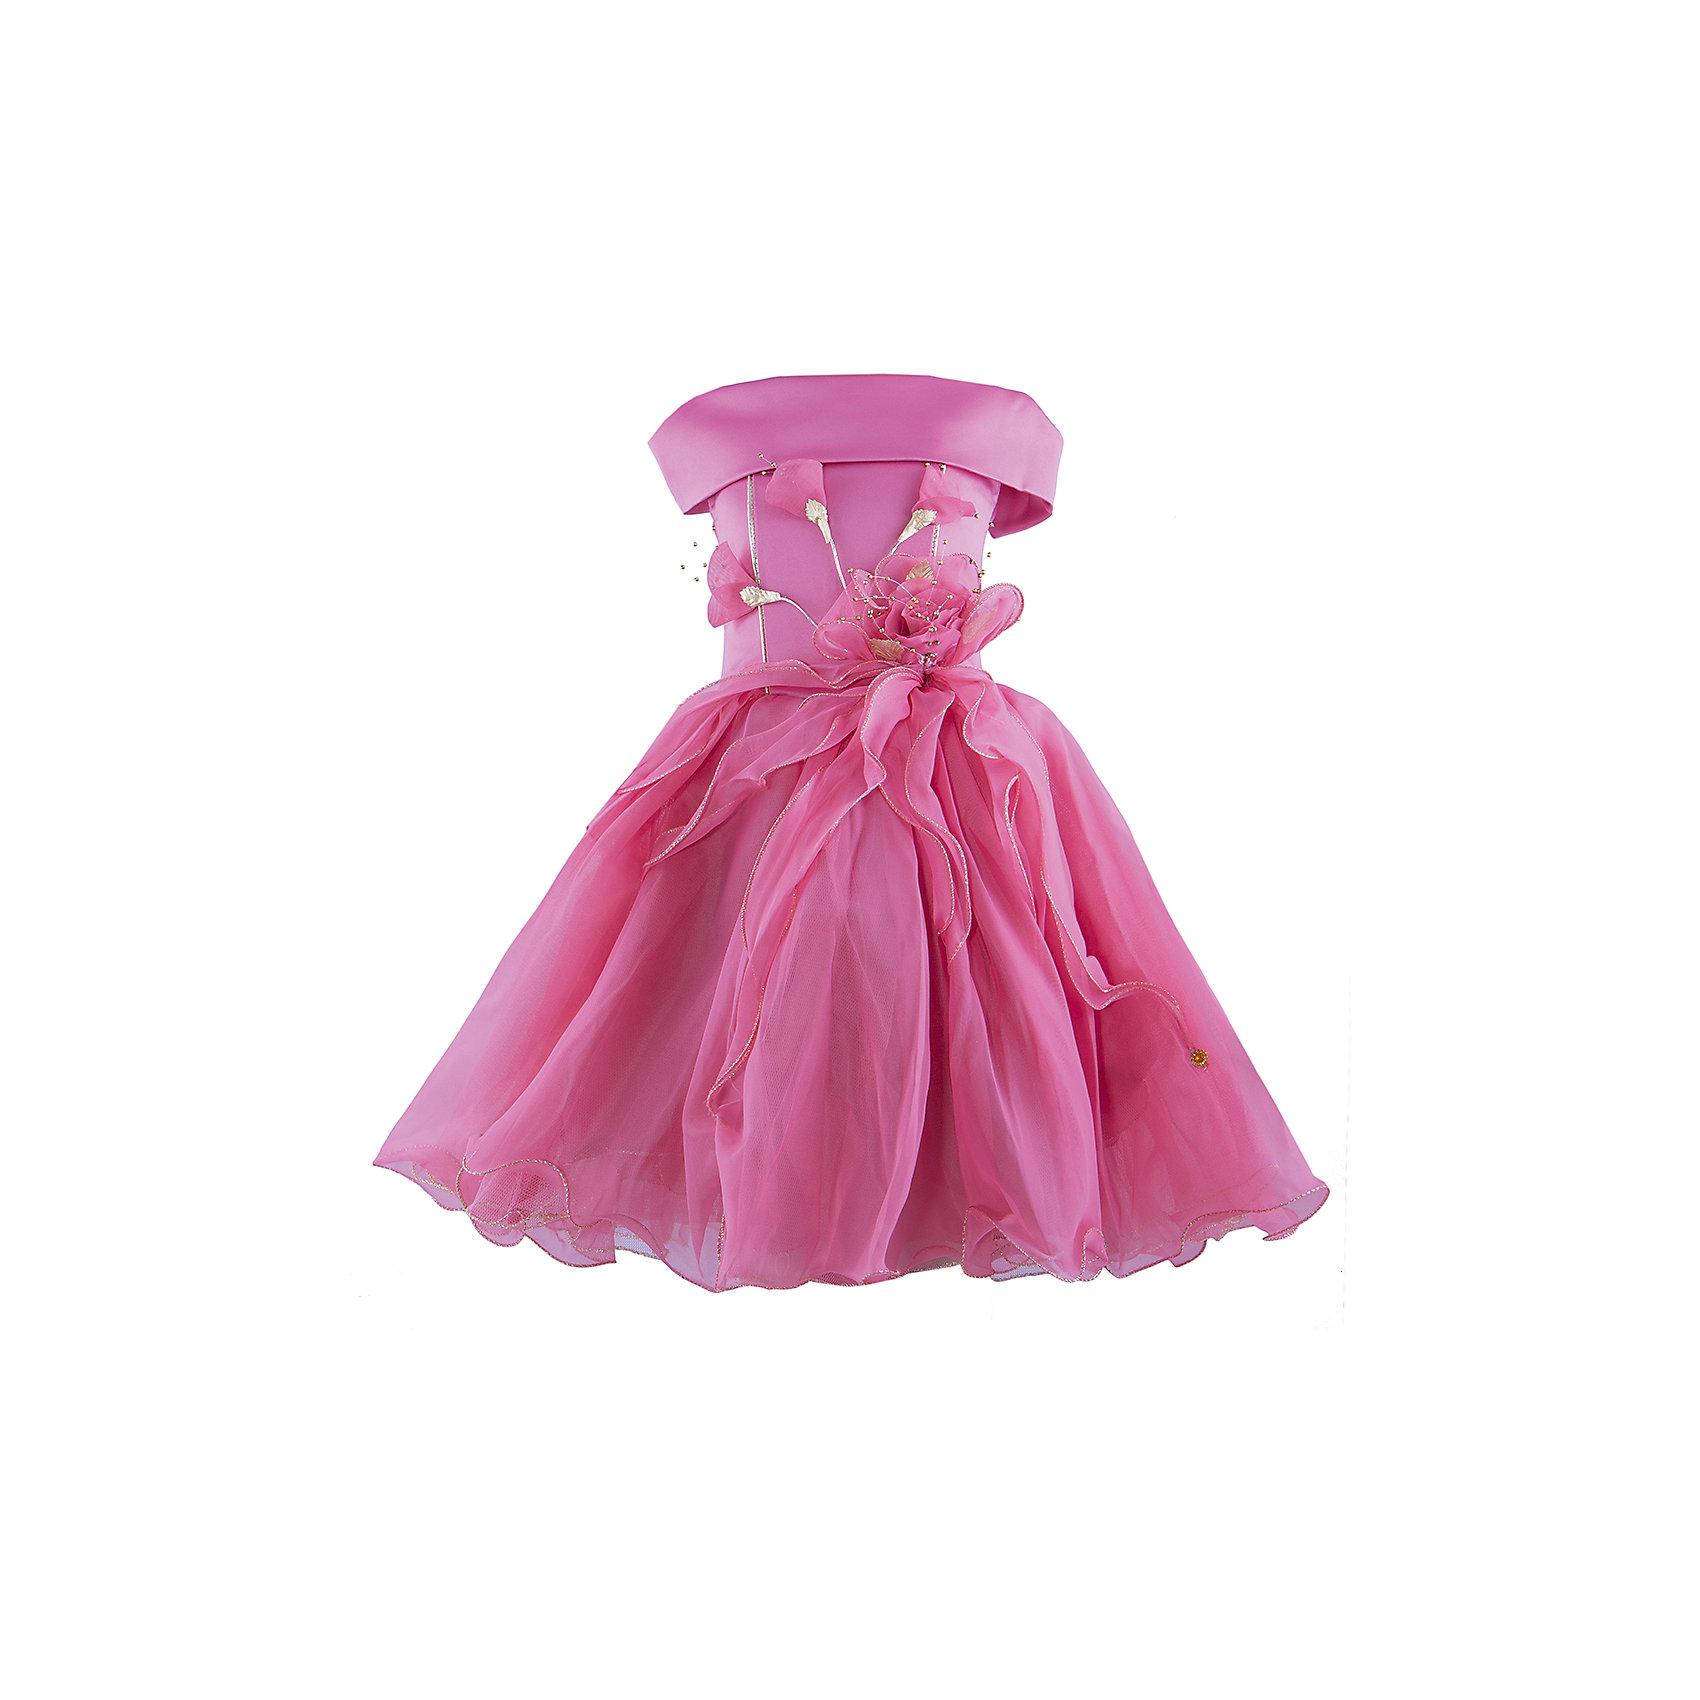 Нарядное платье ШармельОдежда<br>Нарядное платье для девочки от российской марки Шармель<br><br>Красивое пышное платье как у принцессы - мечта каждой девочки. Данное платье смотрится очень празднично и воздушно. На любом празднике ребенок в нем будет выглядеть нарядно, эффектно и торжественно.<br><br>Особенности модели:<br><br>- состав: 100% полиэстер; подкл.: 100% хлопок<br>- материал - с блеском;<br>- цвет - темно-розовый;<br>- подол - многослойный, пышный, с полужестким каркасом из сетки;<br>- без рукавов;<br>- можно утянуть лиф шнуровкой;<br>- сзади застежка-молния;<br>- резинка на прорезях для рукавов;<br>- лиф жесткий, украшен цветами из органзы с серебристой фурнитурой.<br><br>Дополнительная информация:<br><br>Габариты:<br><br>длина по спинке - 61 см.<br><br>* соответствует размеру 92/98<br><br>Нарядное платье для девочки от российской марки Шармель можно купить в нашем магазине.<br><br>Ширина мм: 236<br>Глубина мм: 16<br>Высота мм: 184<br>Вес г: 177<br>Цвет: розовый<br>Возраст от месяцев: 24<br>Возраст до месяцев: 36<br>Пол: Женский<br>Возраст: Детский<br>Размер: 92/98,104/116<br>SKU: 4243378